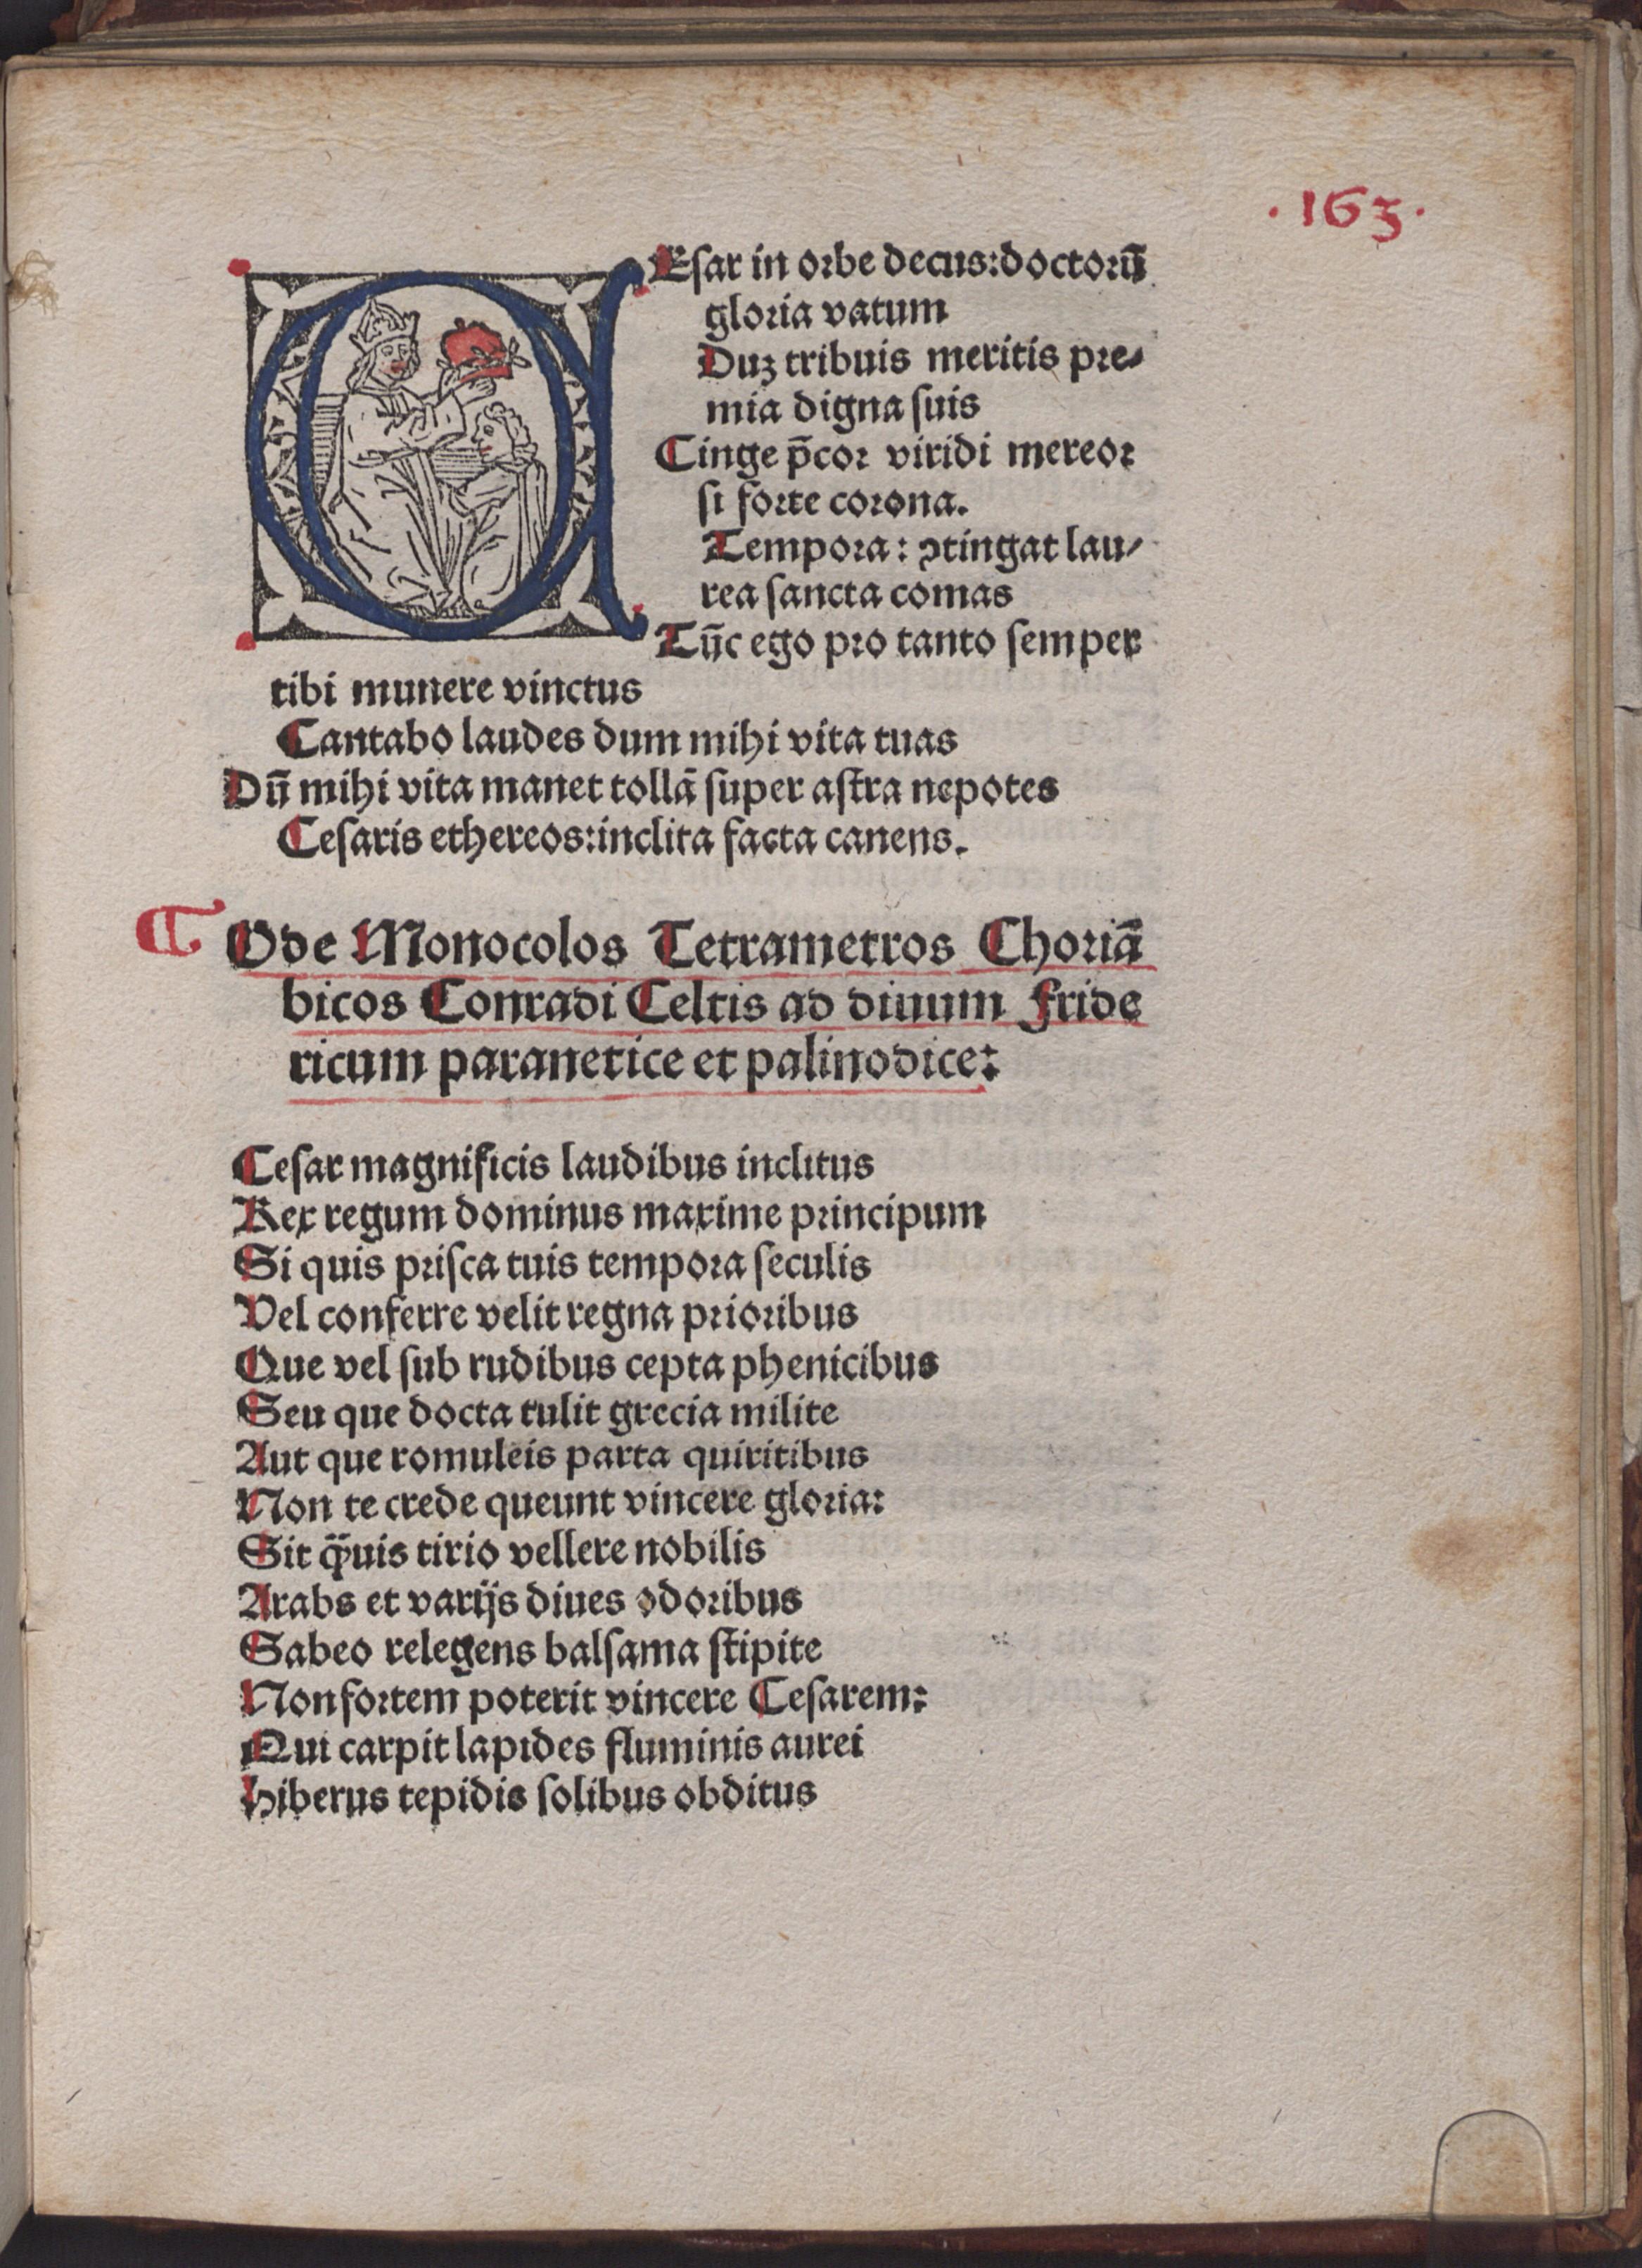 """Celtis, Konrad / Pighinucius, Fridianus / Canter, Johannes: Proseuticum ad Fridericum III. pro laurea Apollinari, mit Brief des Autors an Kaiser Friedrich III. und Widmungsbrief an Herzog Georg von Sachsen. Nürnberg 25.4.[1487], pag. 163. (Ex. BSB München; Sign. 4 Inc.c.a. 498) <br>Quelle: <a href=""""http://daten.digitale-sammlungen.de/0002/bsb00026493/images/"""">Bayerische Staatsbibliothek digital</a> <br>Lizenz: <a href=""""https://creativecommons.org/licenses/by-nc-sa/4.0/"""">Creative Commons BY-NC-SA 4.0</a>"""